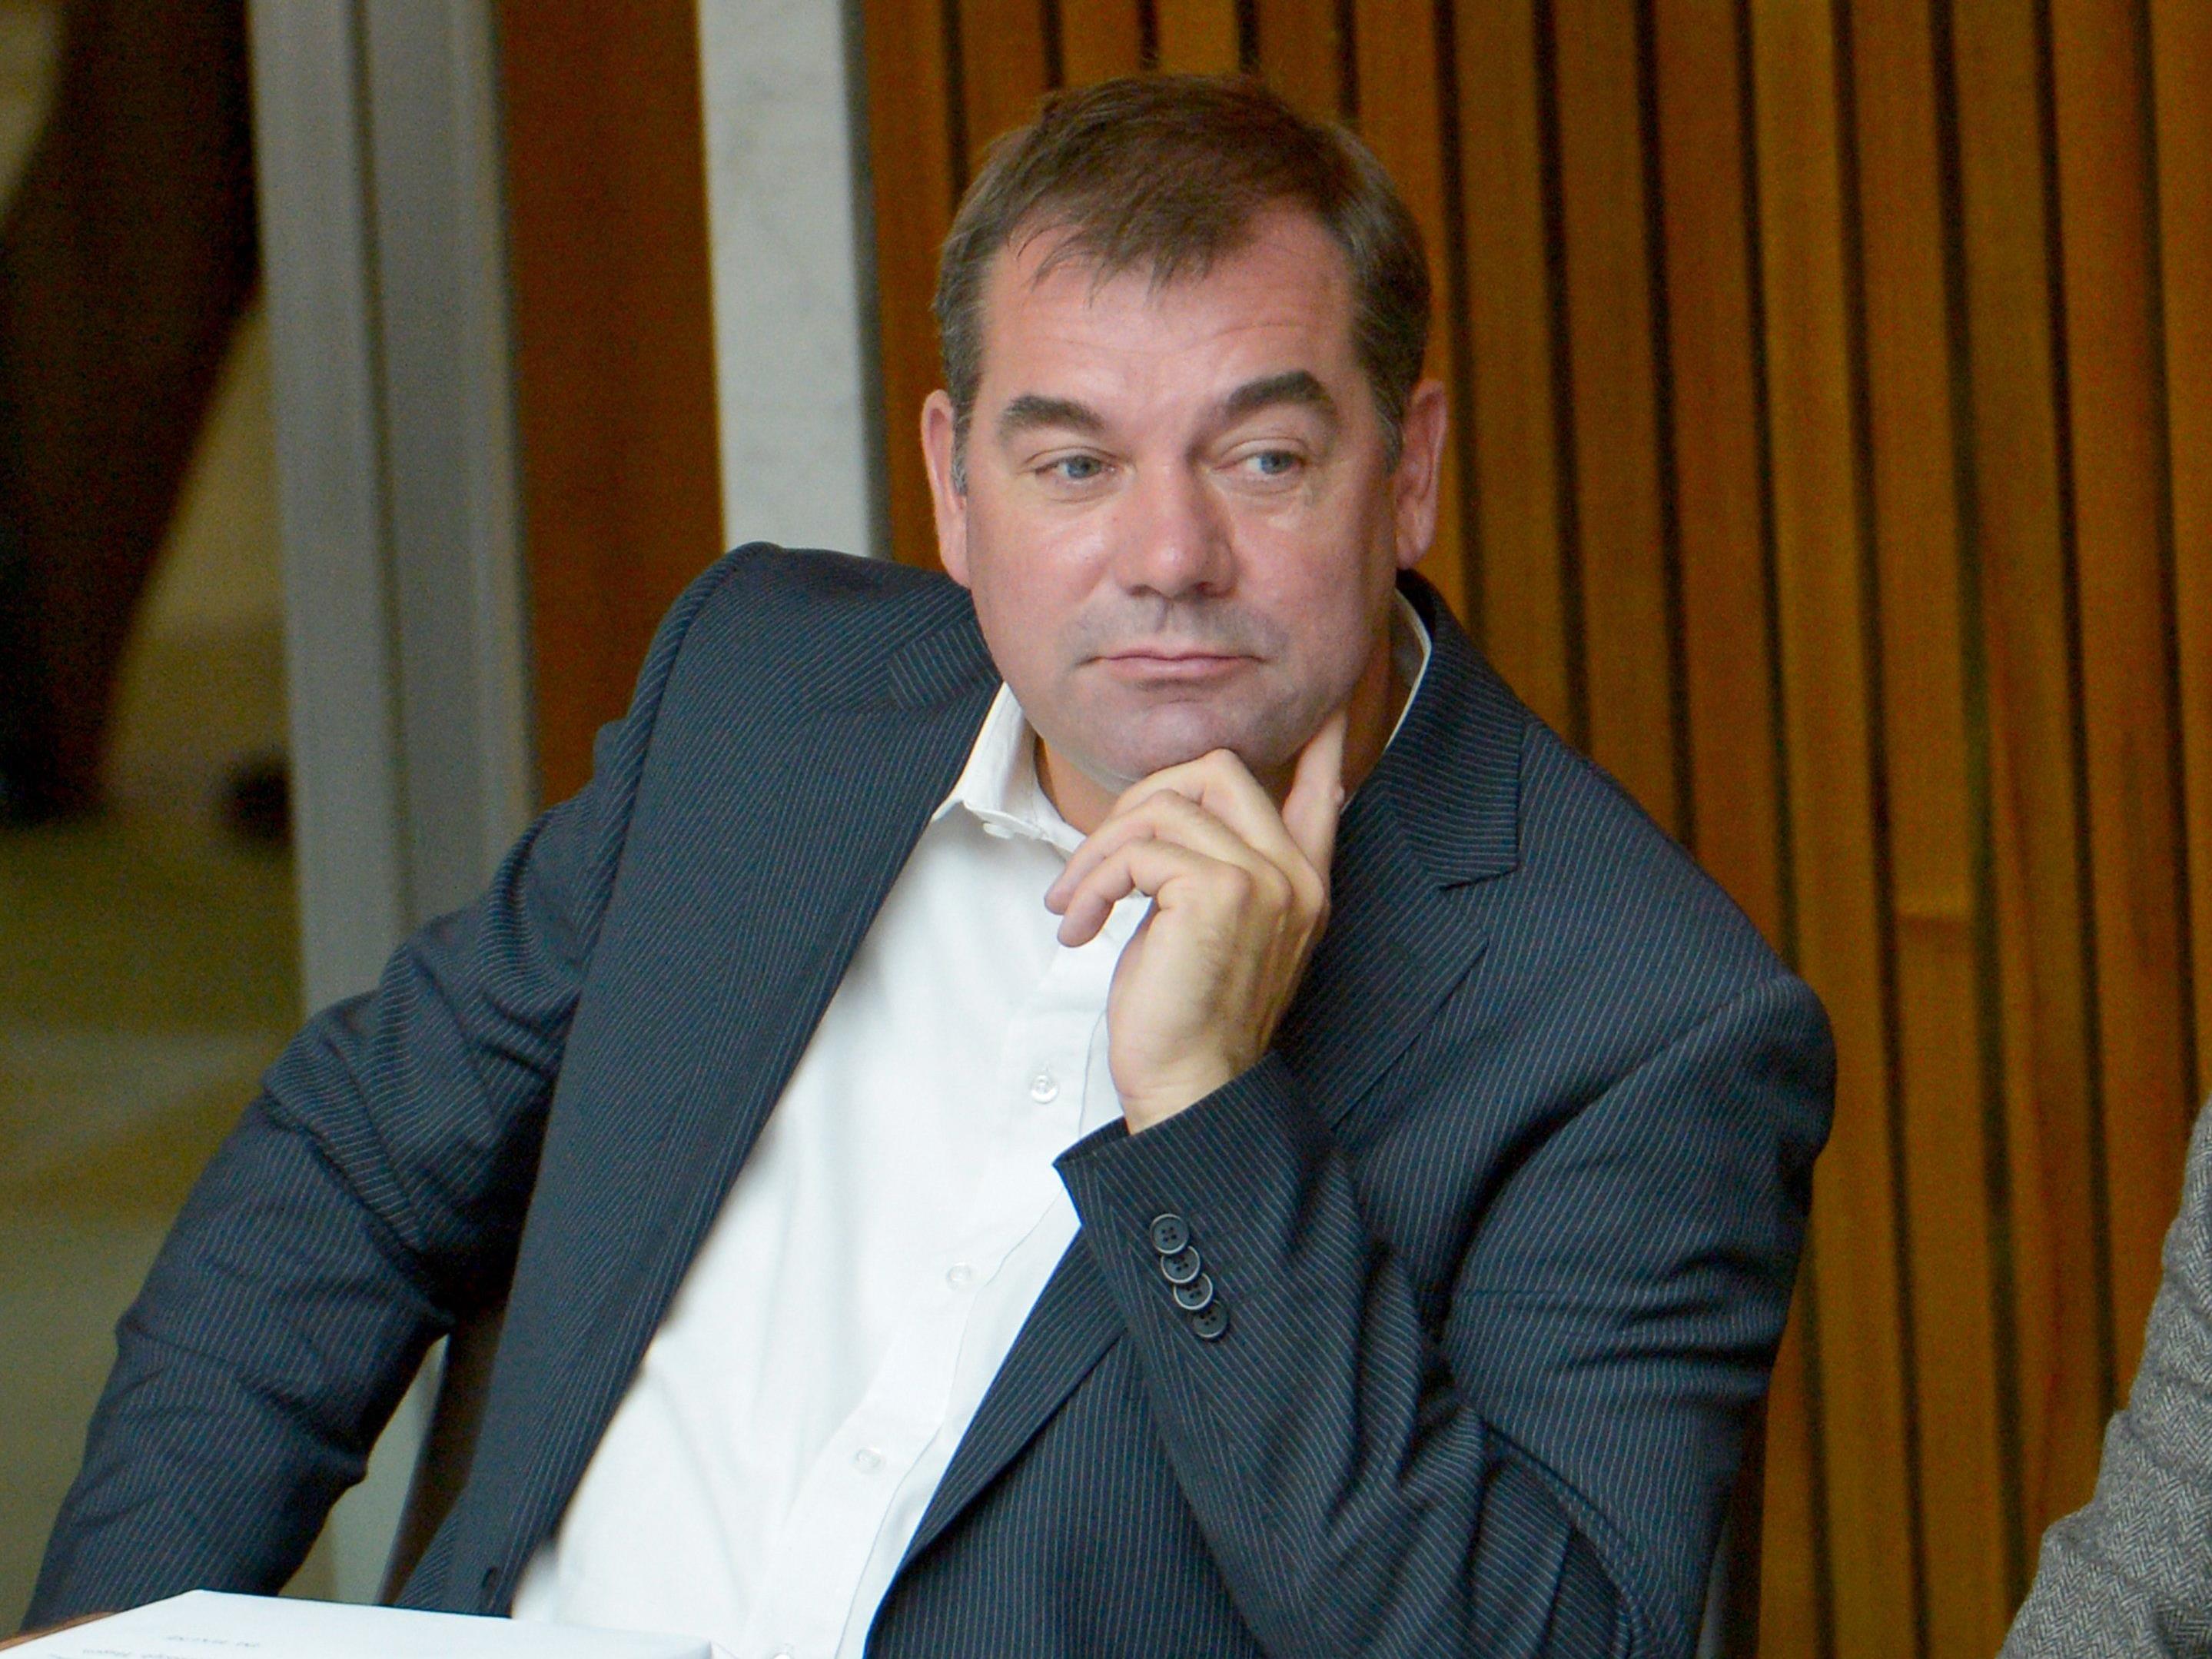 Der Vorarlberger Mandatar Christoph Hagen will strengere Regeln für Mindestsicherungsempfänger.